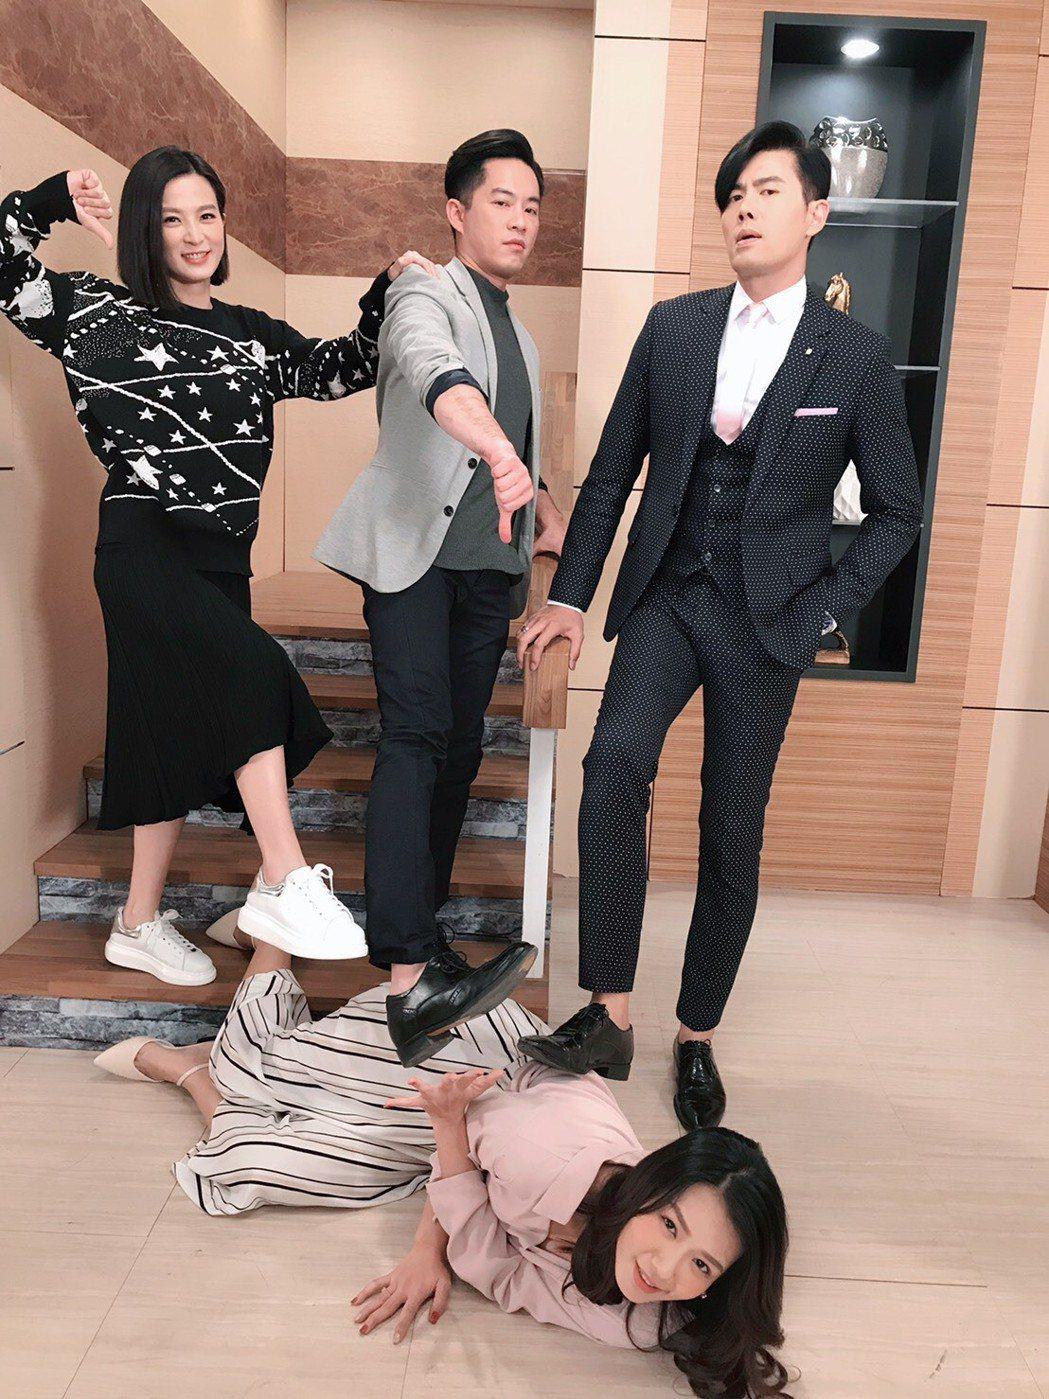 楚宣(左起)、Junior韓宜邦、余秉諺戲外不忘搞笑踩李又汝一腳。圖╱摘自臉書